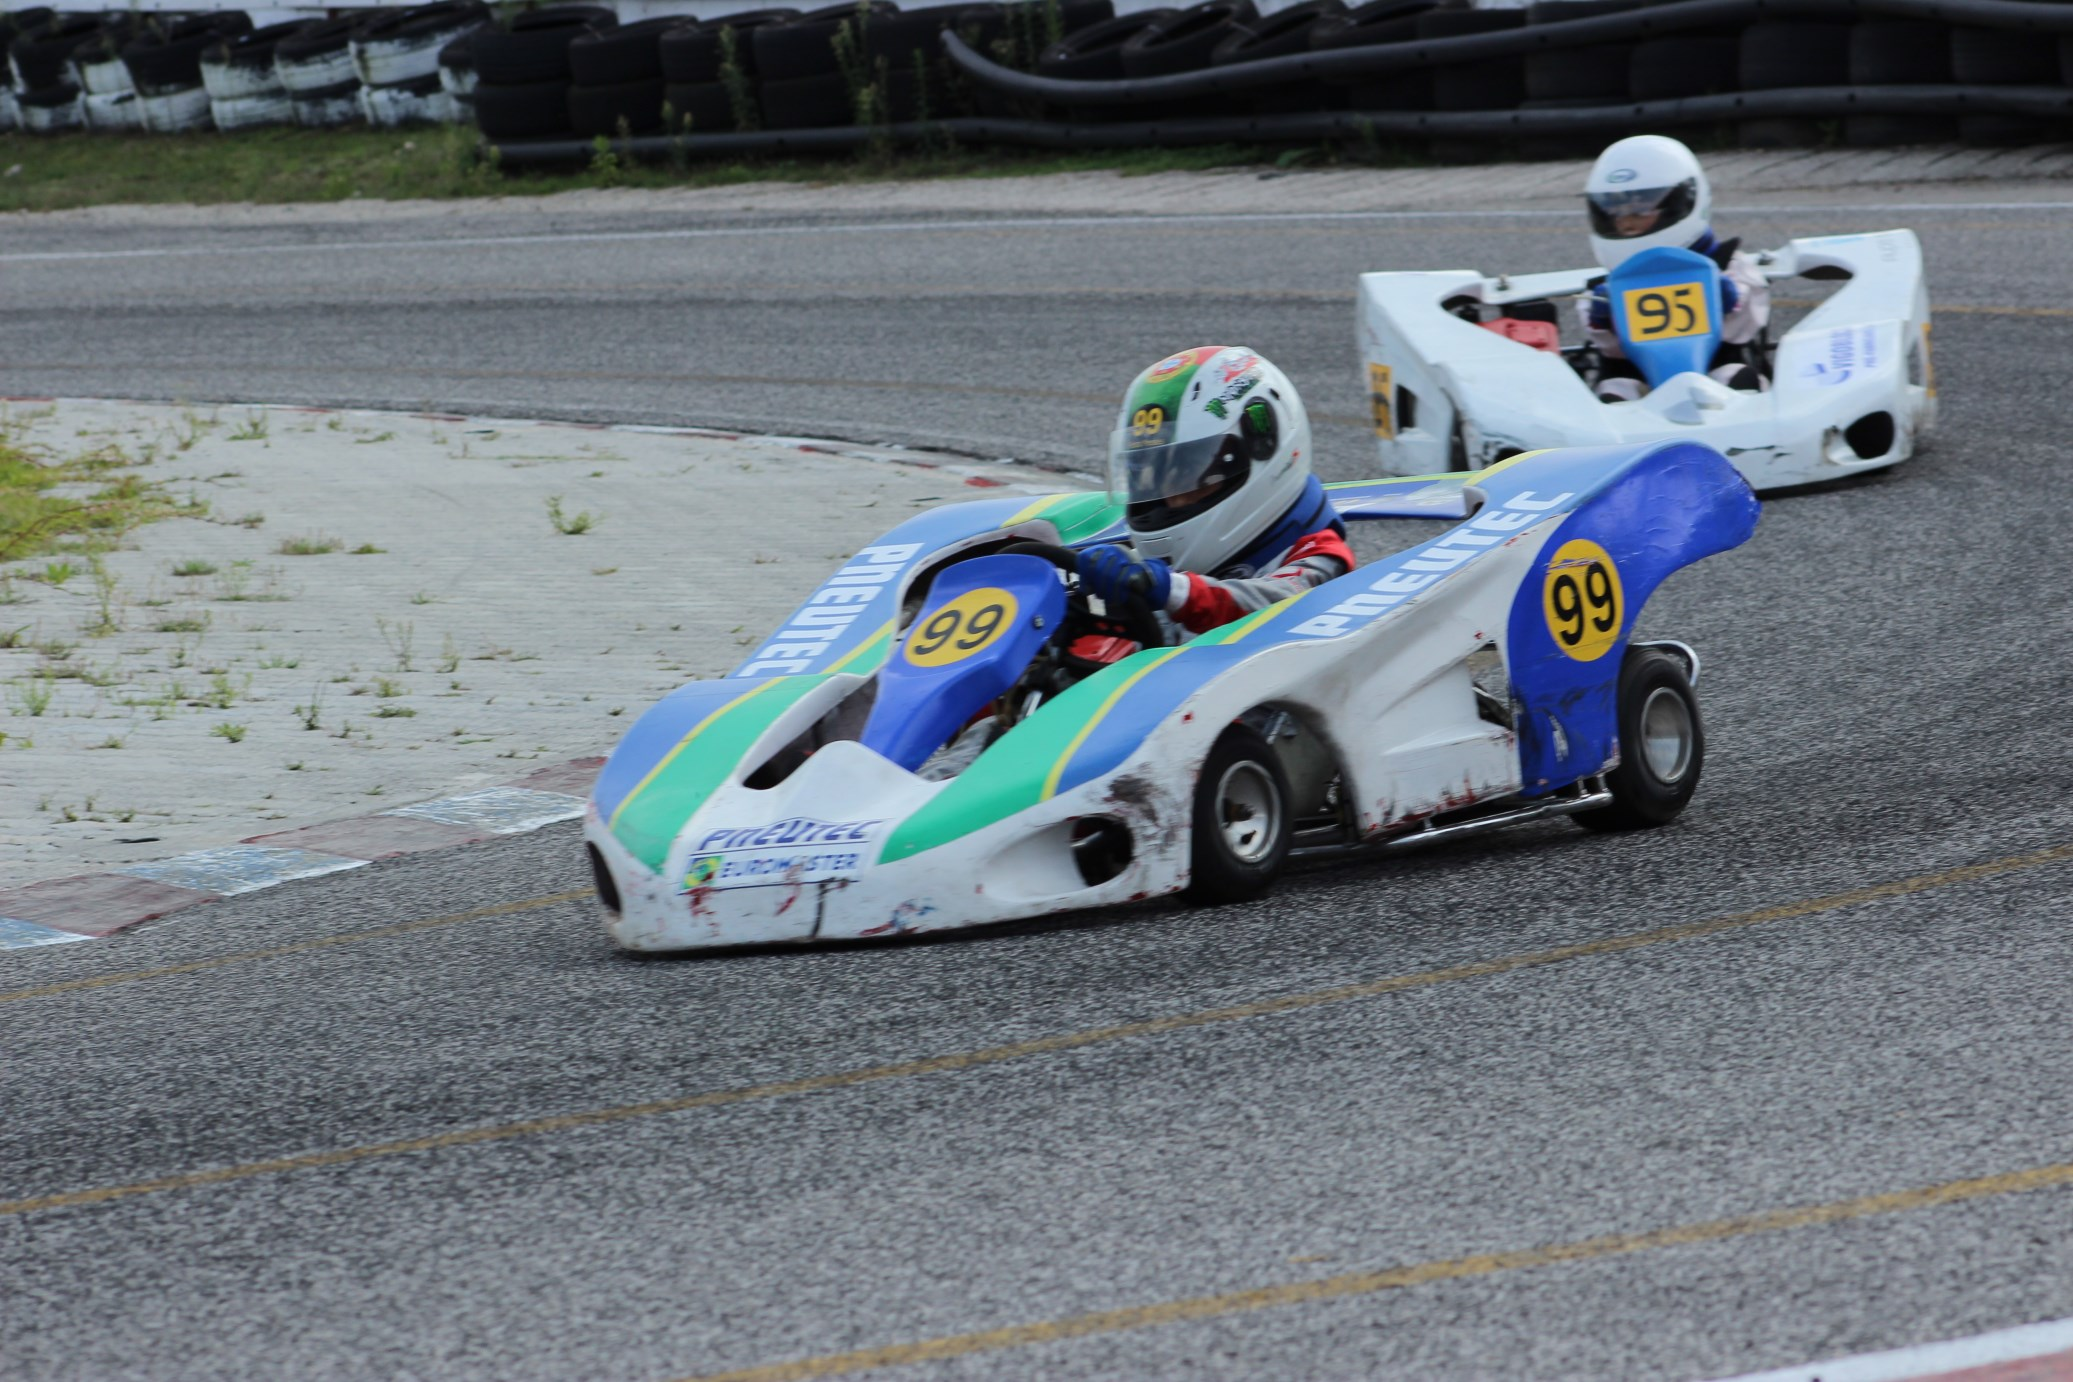 Troféu Honda 2014 - 3ª Prova188